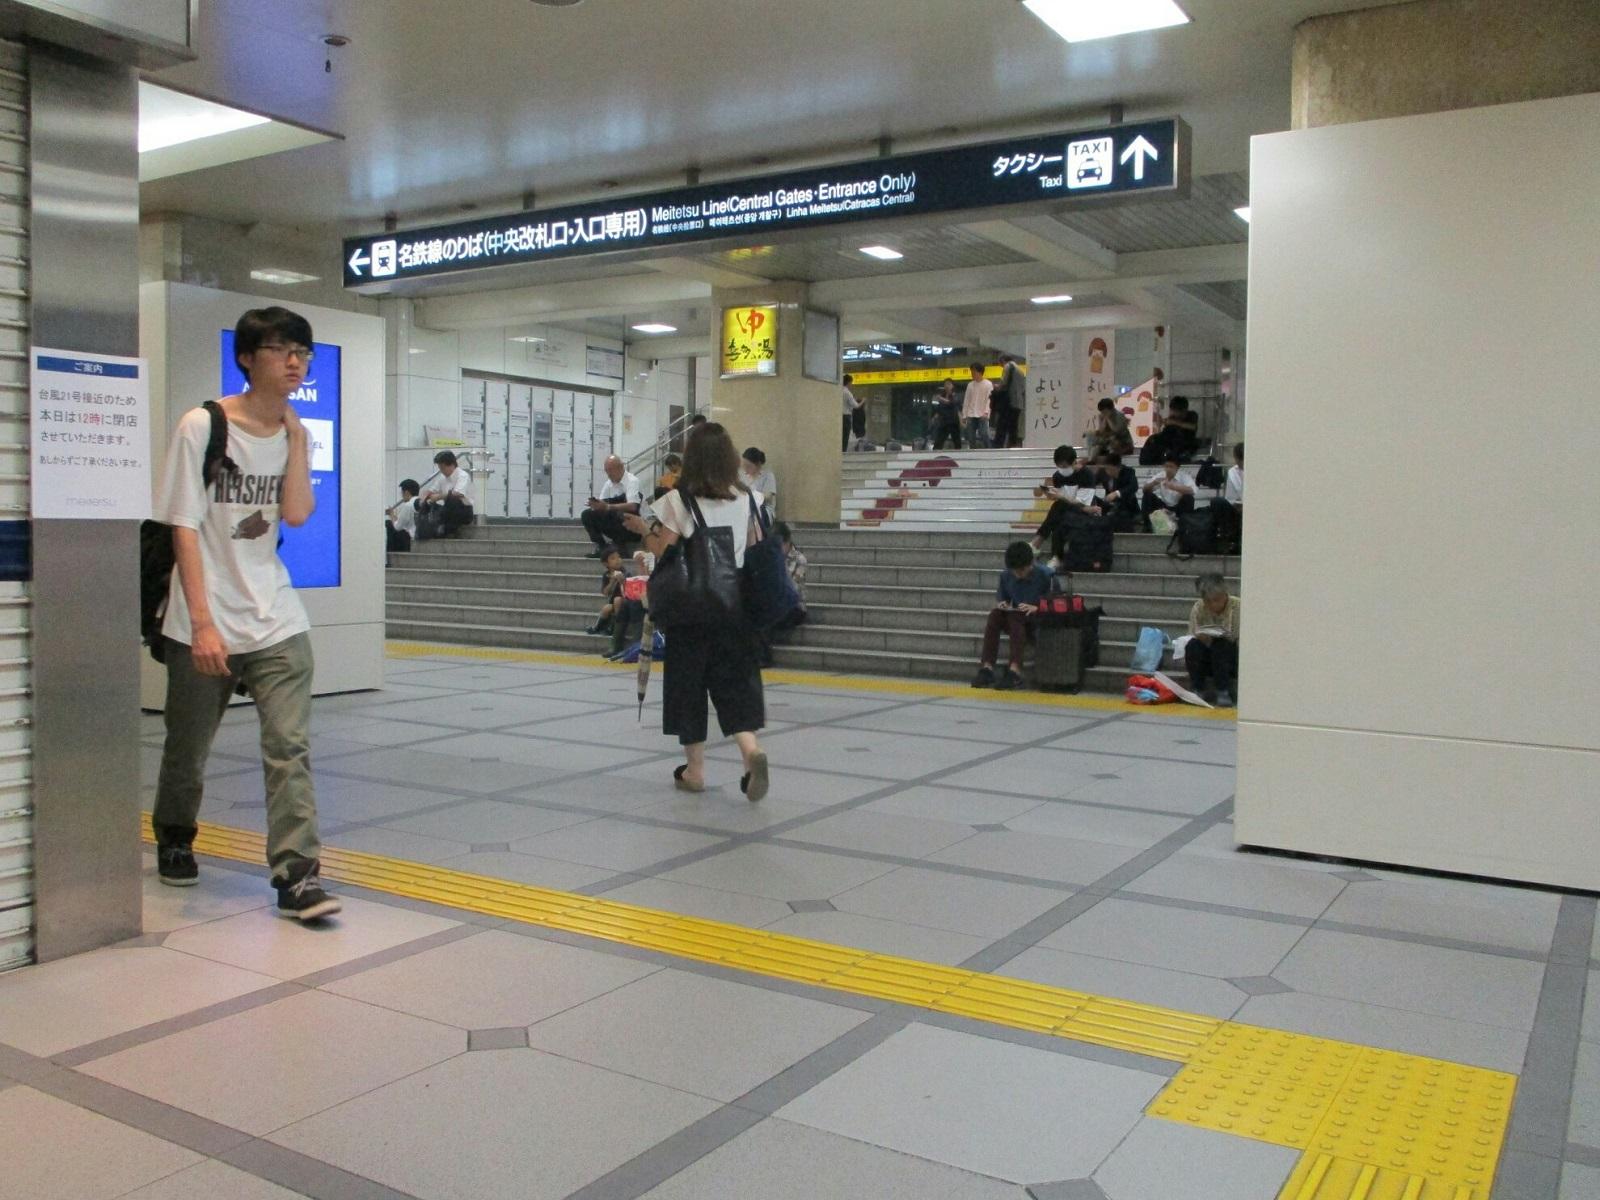 2018.9.4 (76) 名鉄名古屋 - 中央でぐちした階段 1600-1200